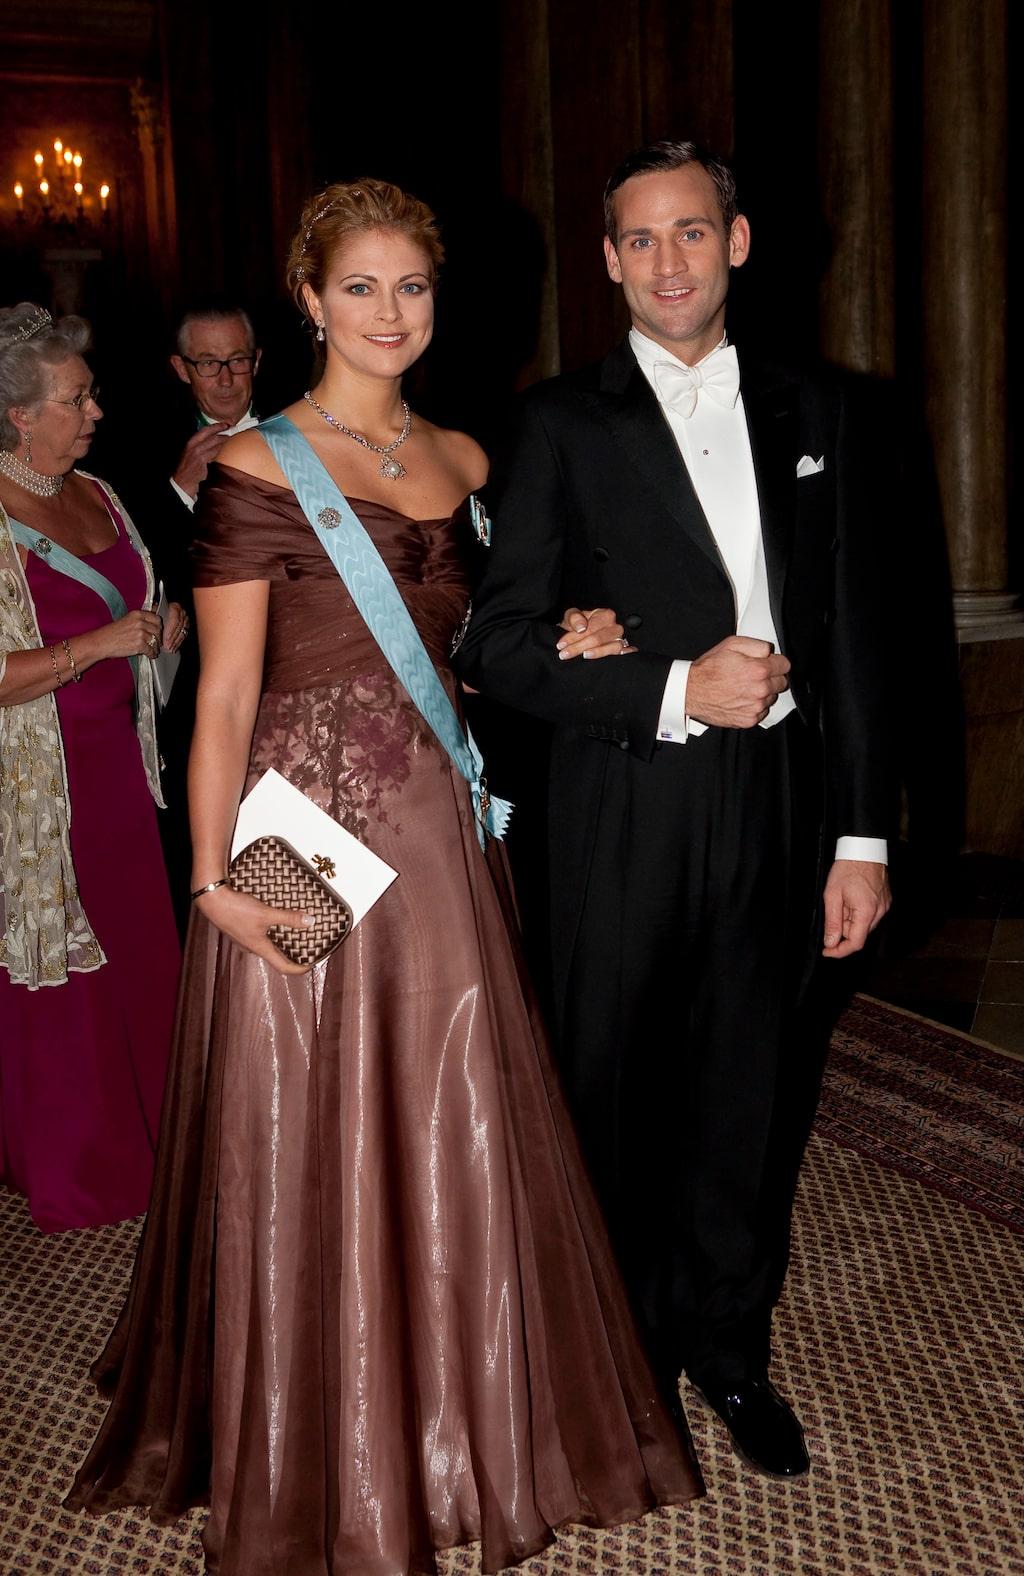 Prinsessan Madeleine på Nobelfesten, 2009